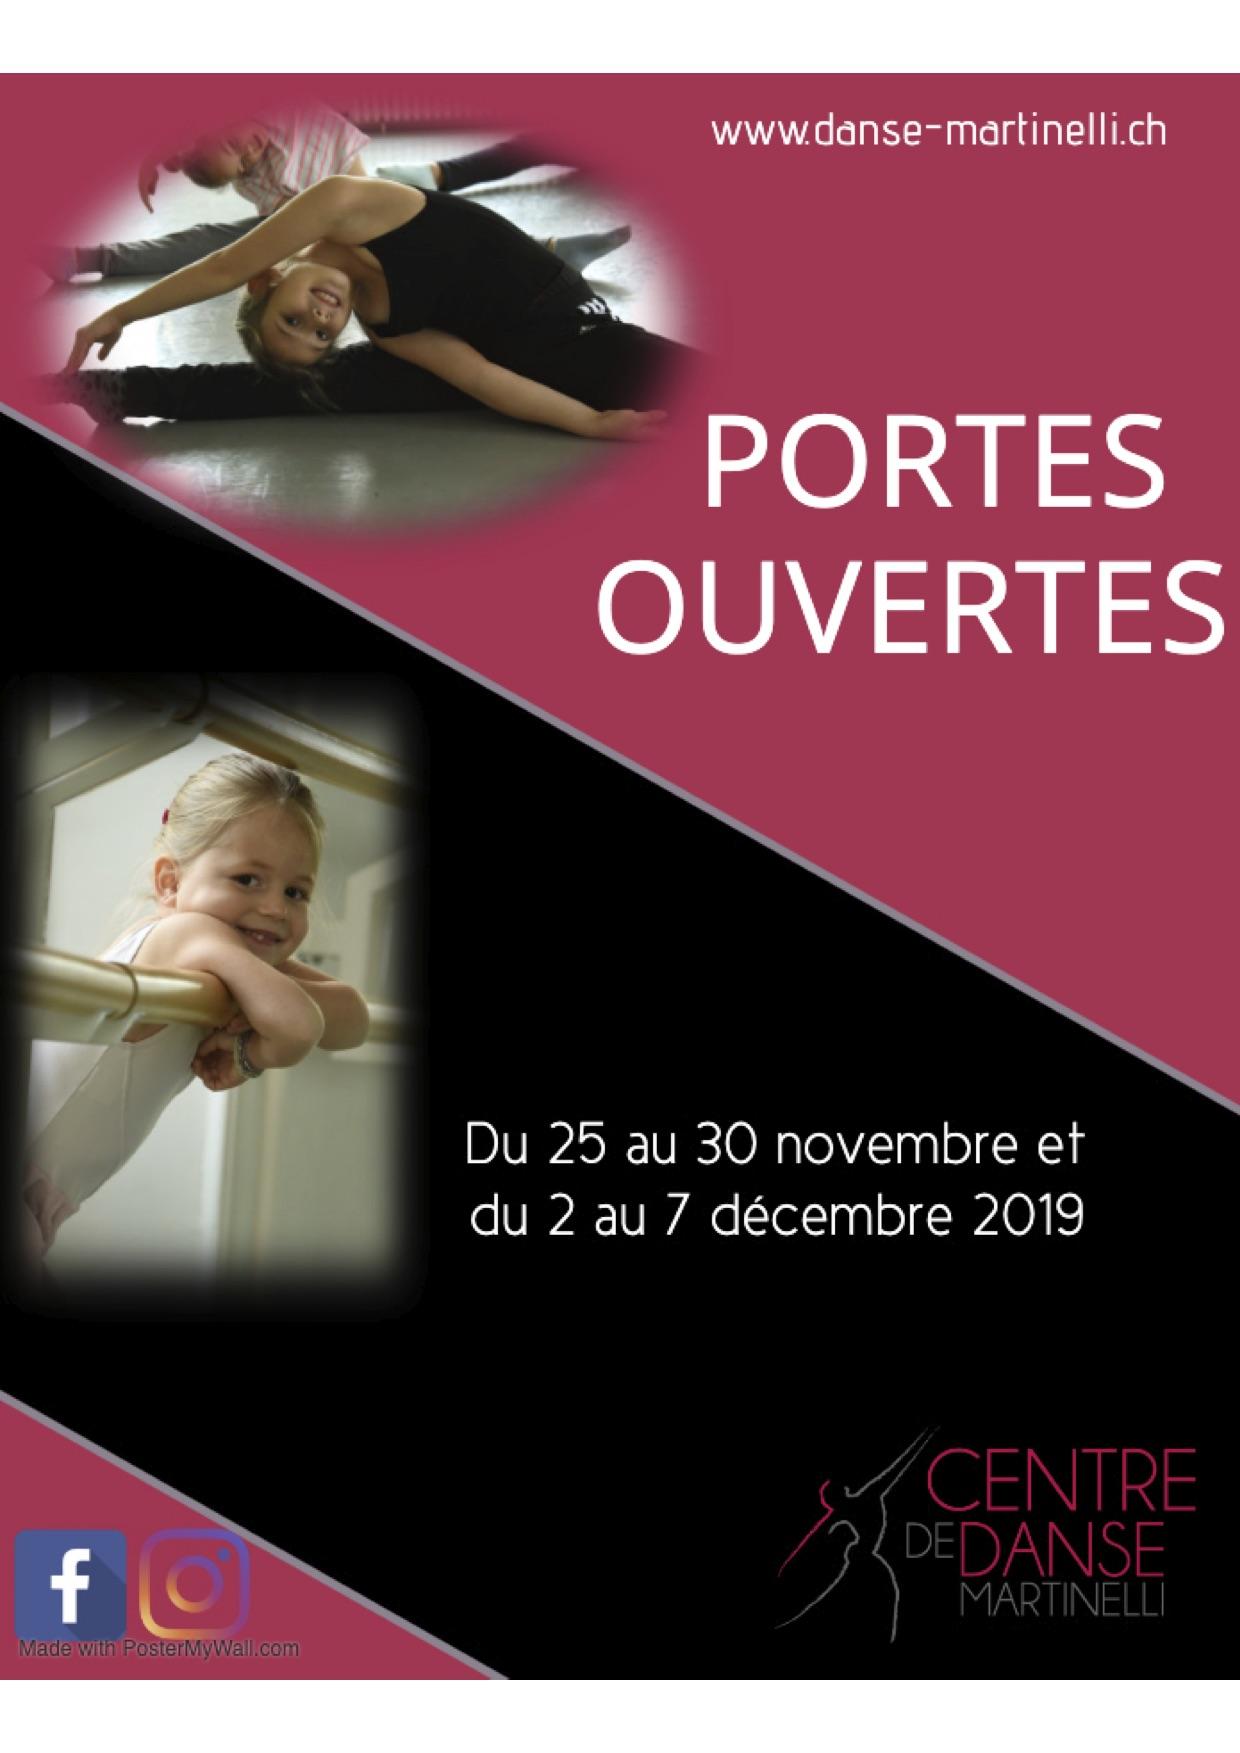 PORTES OUVERTES DU CENTRE DE DANSE